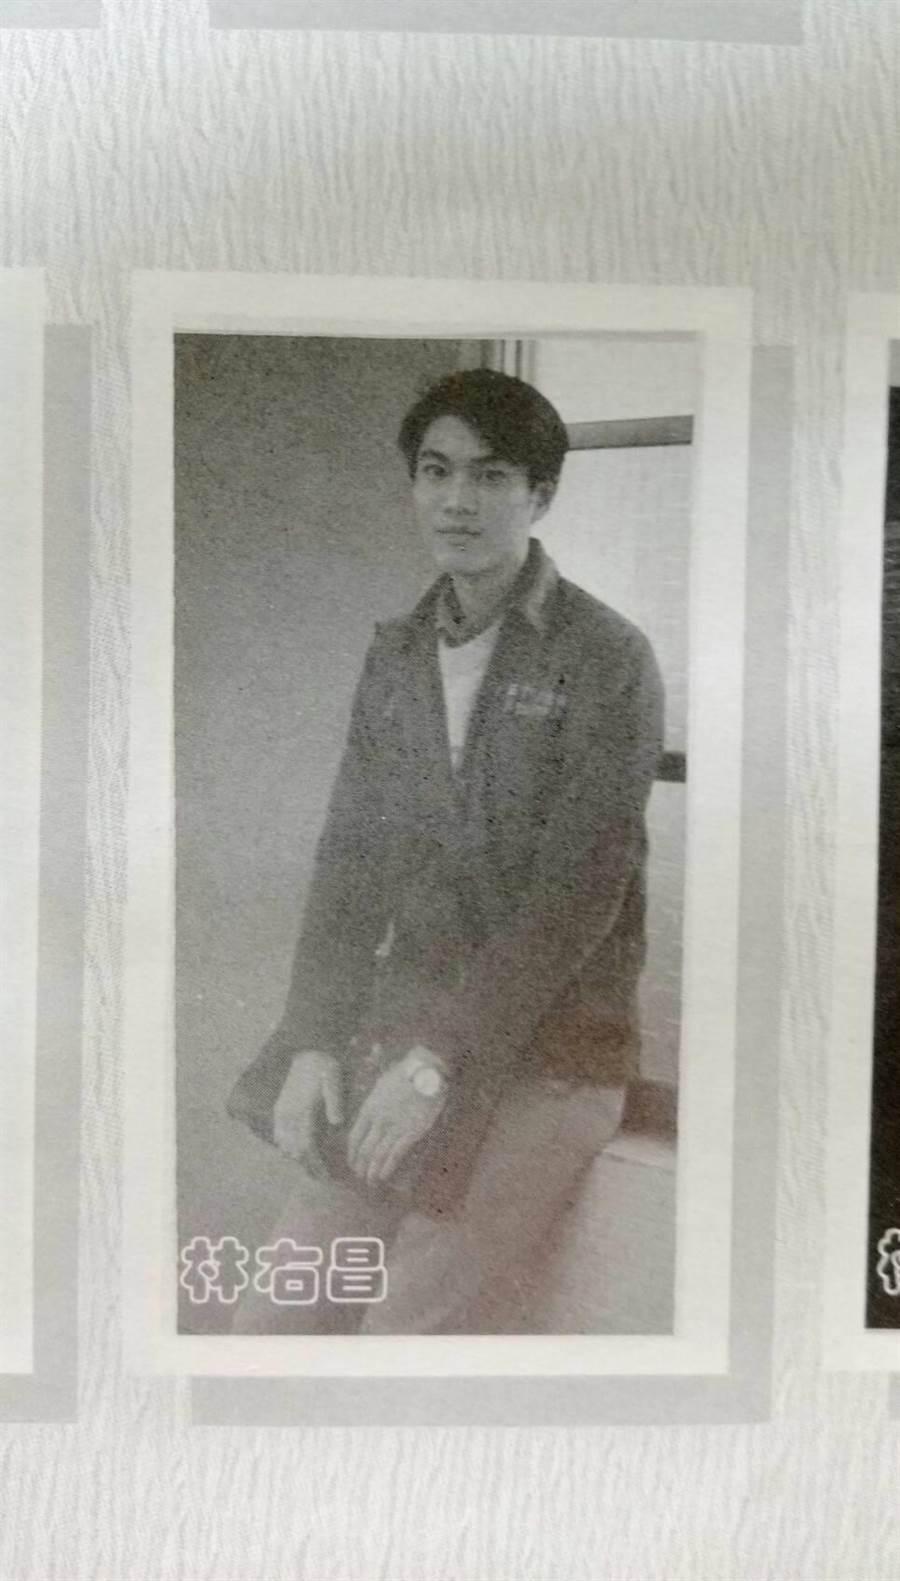 基隆市長林右昌30年前就讀國立基隆高中的畢冊照,帥氣度神似日星三浦春馬。(讀者提供)